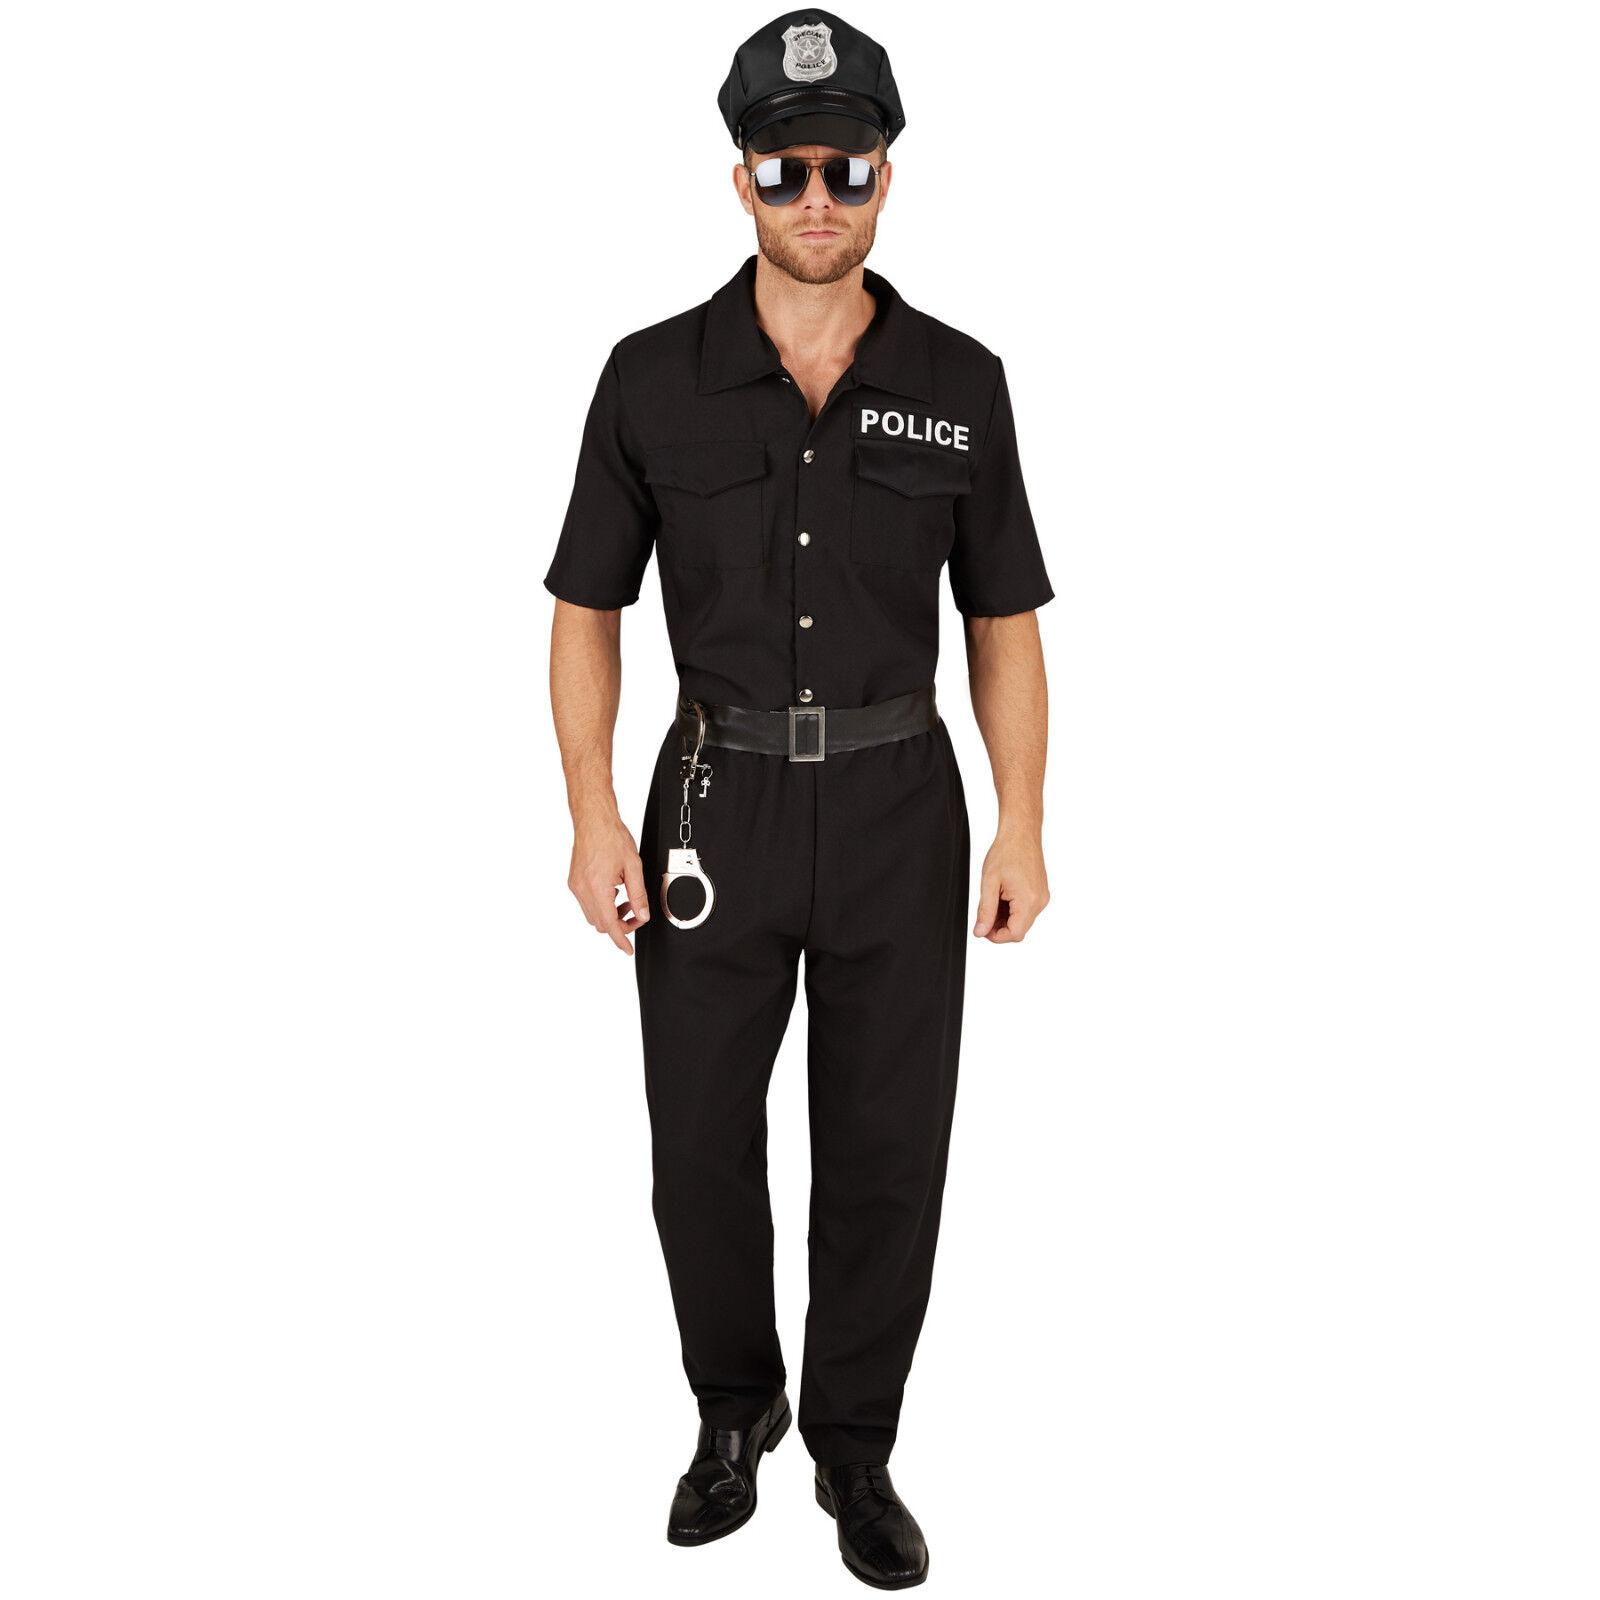 Herrenkostüm Polizist Cop Uniform sexy Polizeikostüm Streifenpolizist Fasching